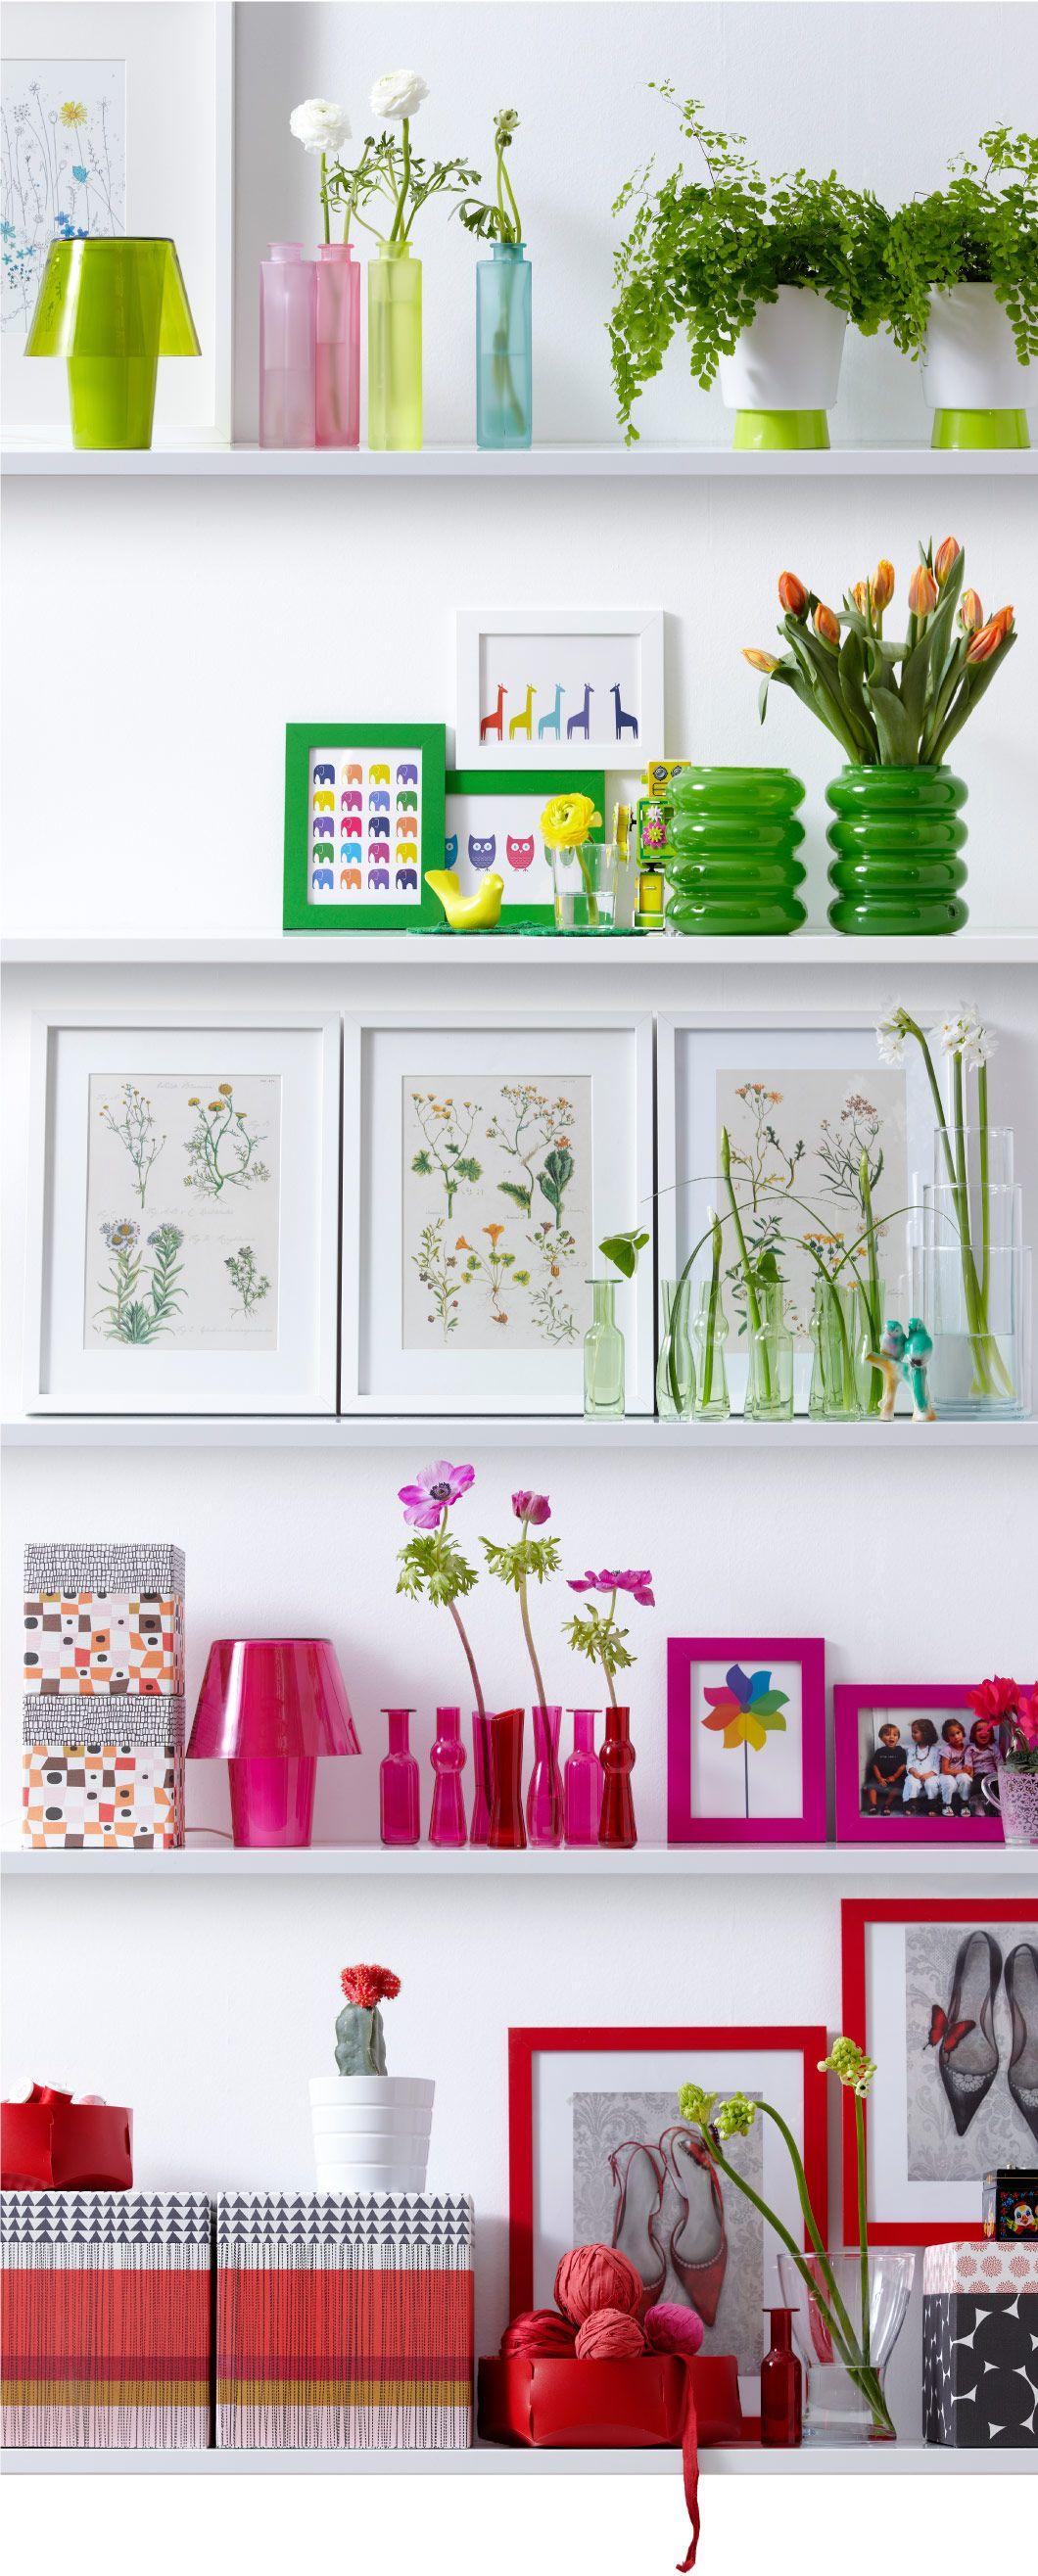 IKEA - Arrangement aus CASHEWNÖT Blumentöpfen mit Untersetzer in Weiß/Grün, SOMRIG Vasen in verschiedenen Farben, SOLSTRÅLE Vasen in Grün, RIBBA Rahmen in Weiß,  SOMMARMYS Vasen in verschieden Ausführungen + Farben, KVITTRA Kästen mit Deckel in Orange/Braun + in Rot, NYTTJA Rahmen in verschiedenen Farben